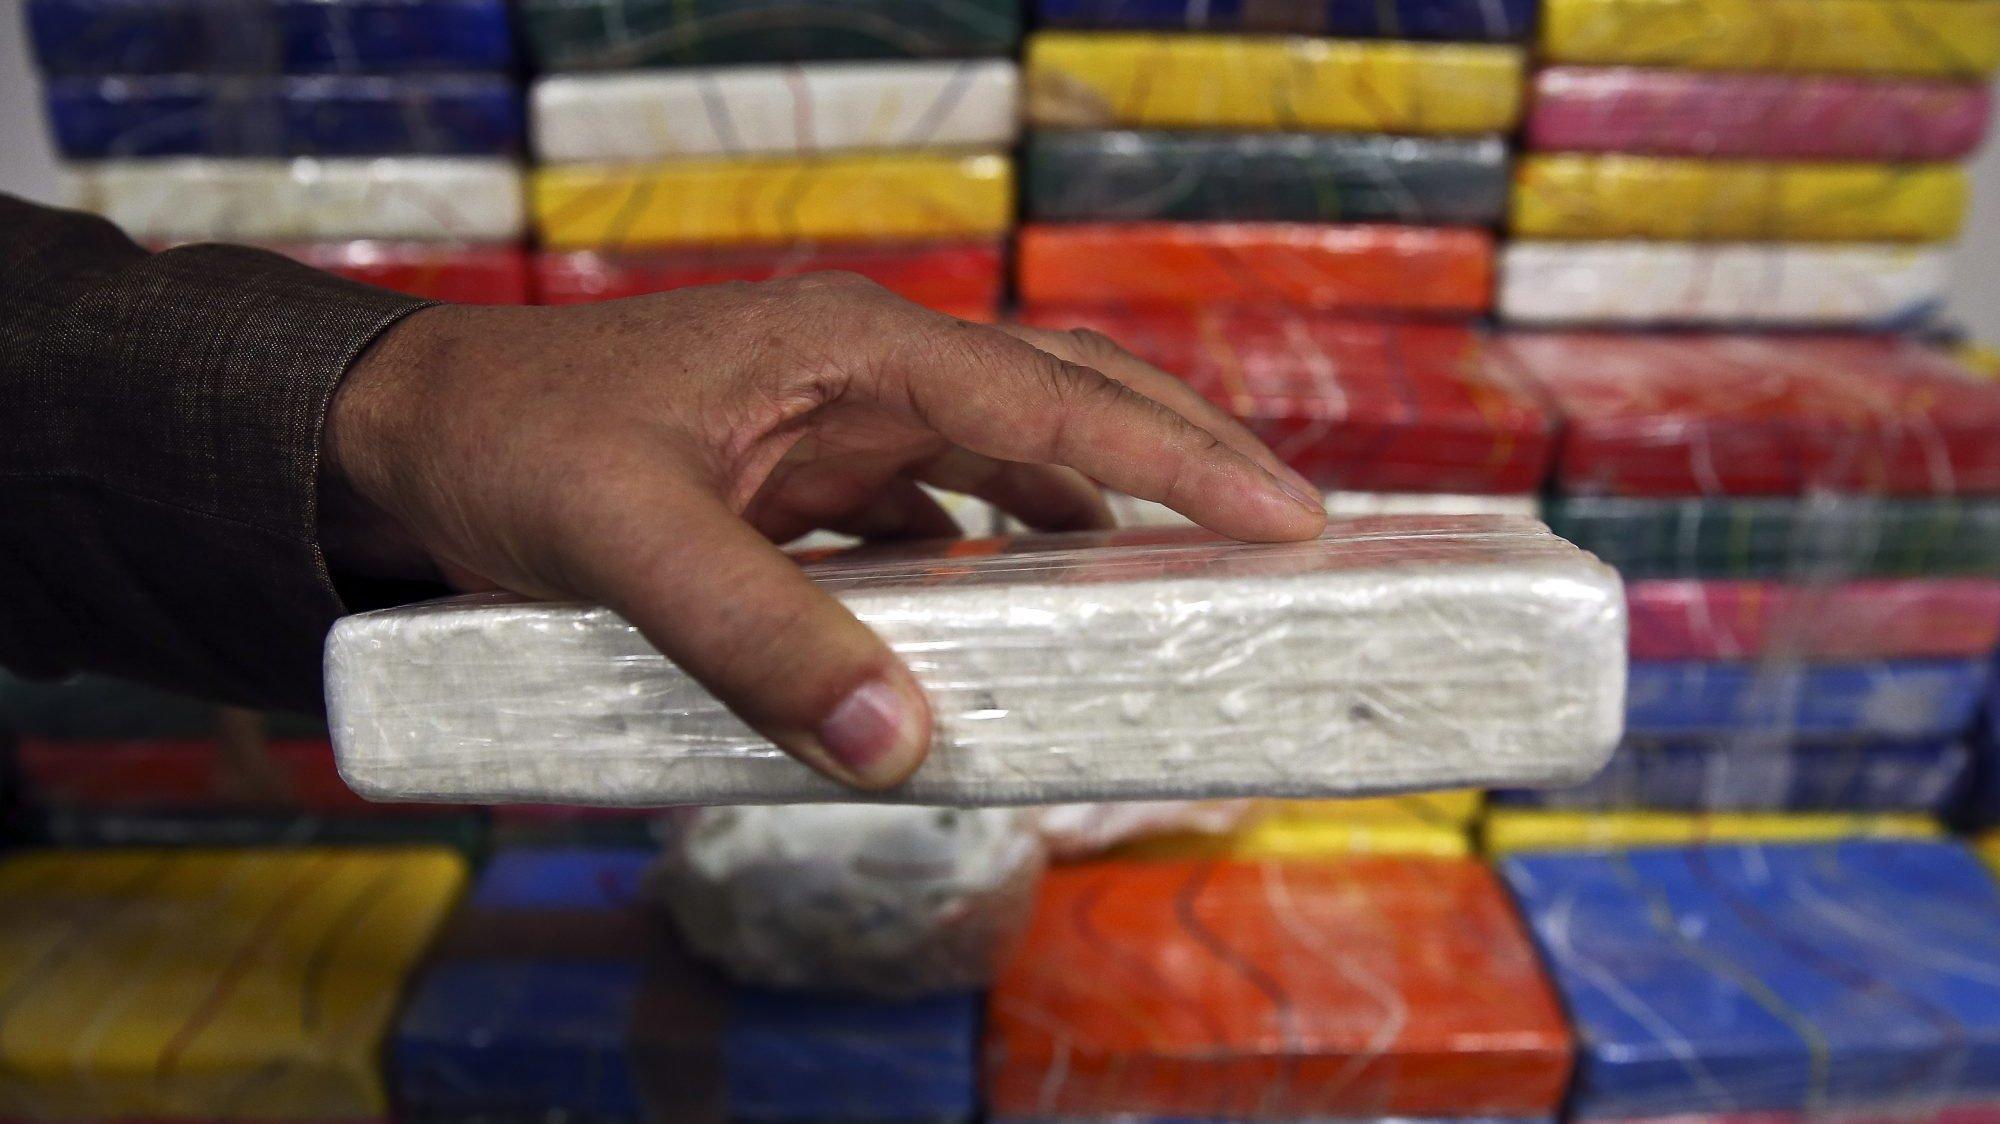 450 quilos de cocaína aprendidos pela Polícia Judiciária (PJ) no interior de um veleiro de pavilhão belga